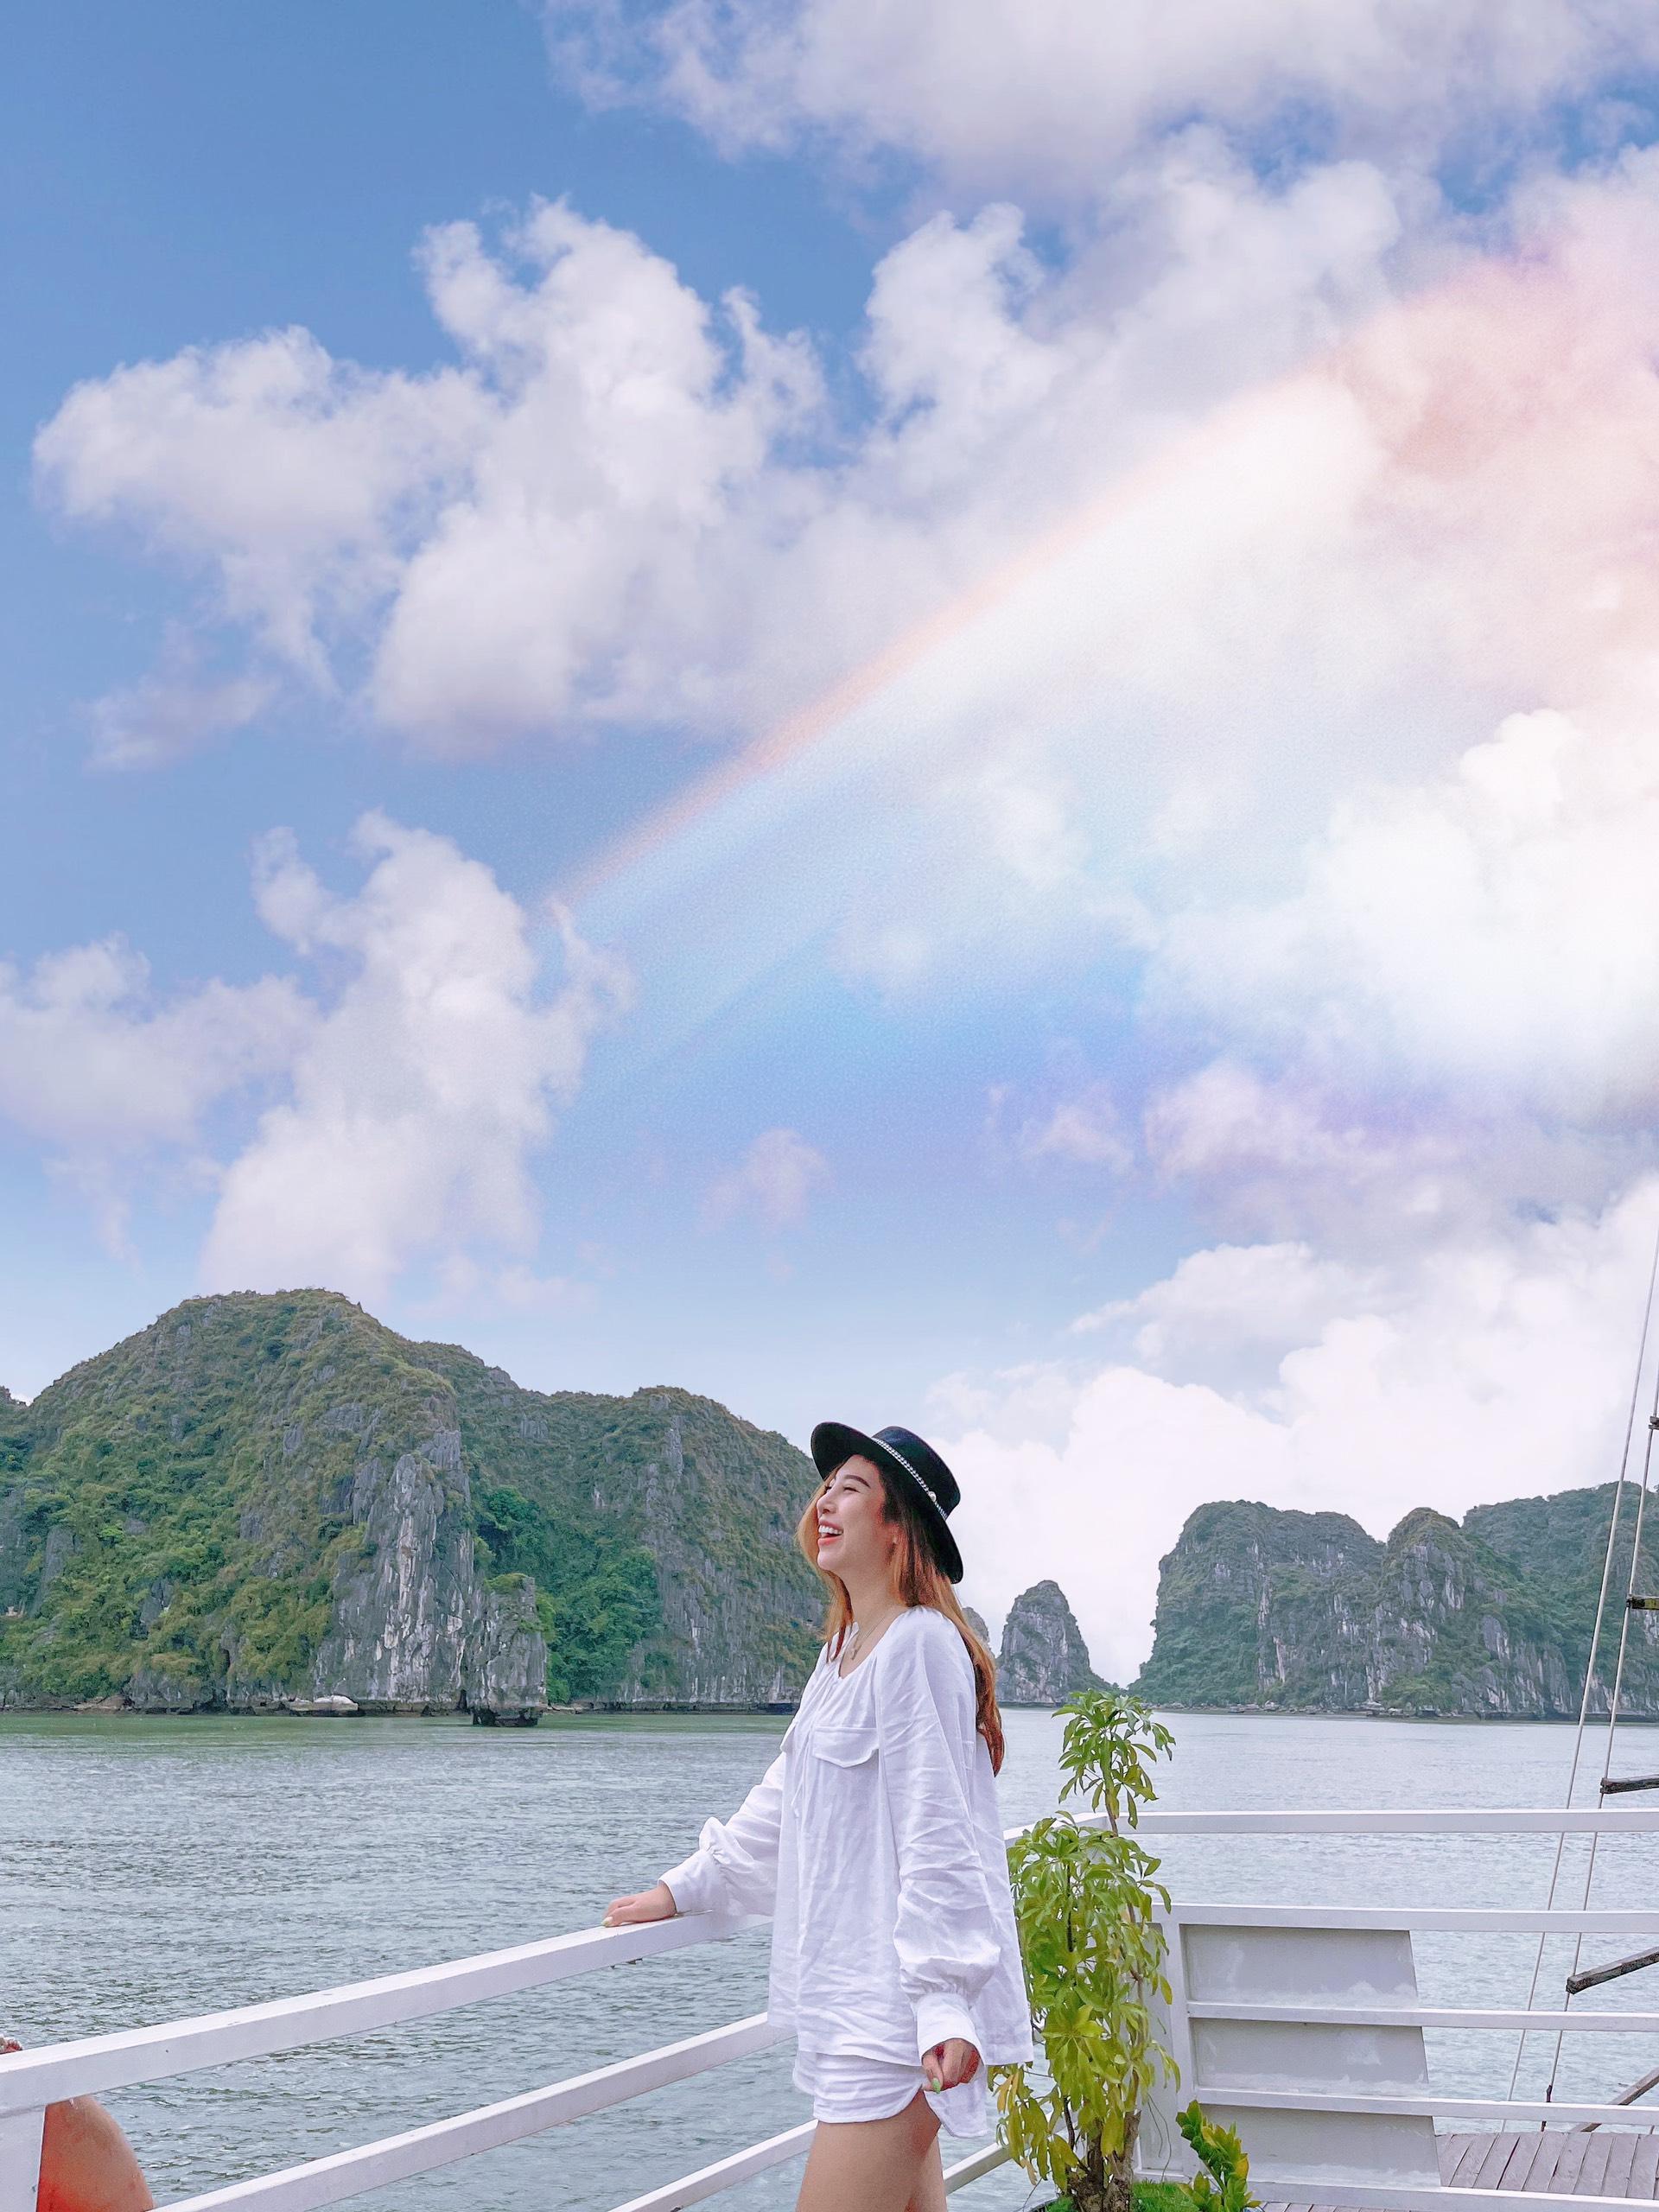 Vịnh Hạ Long – Điểm đến du lịch nổi tiếng ở Quảng Ninh.